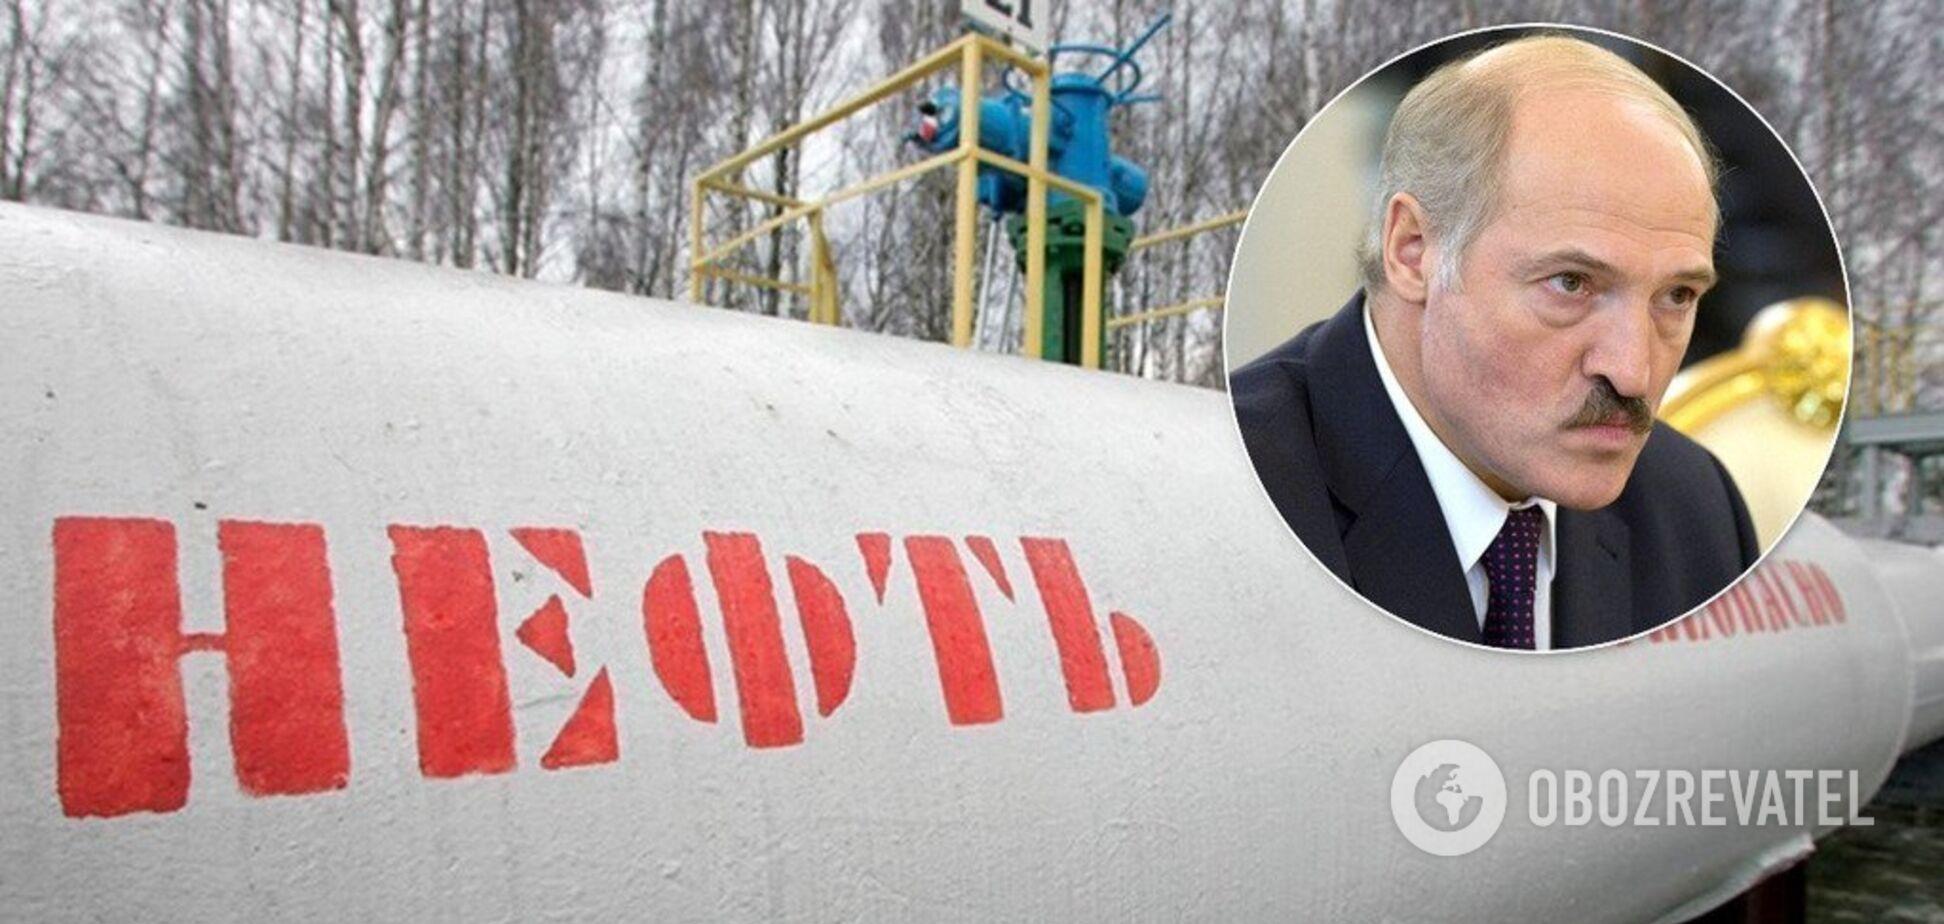 Путін дотиснув? Білорусь раптово пішла на поступки Росії щодо нафти